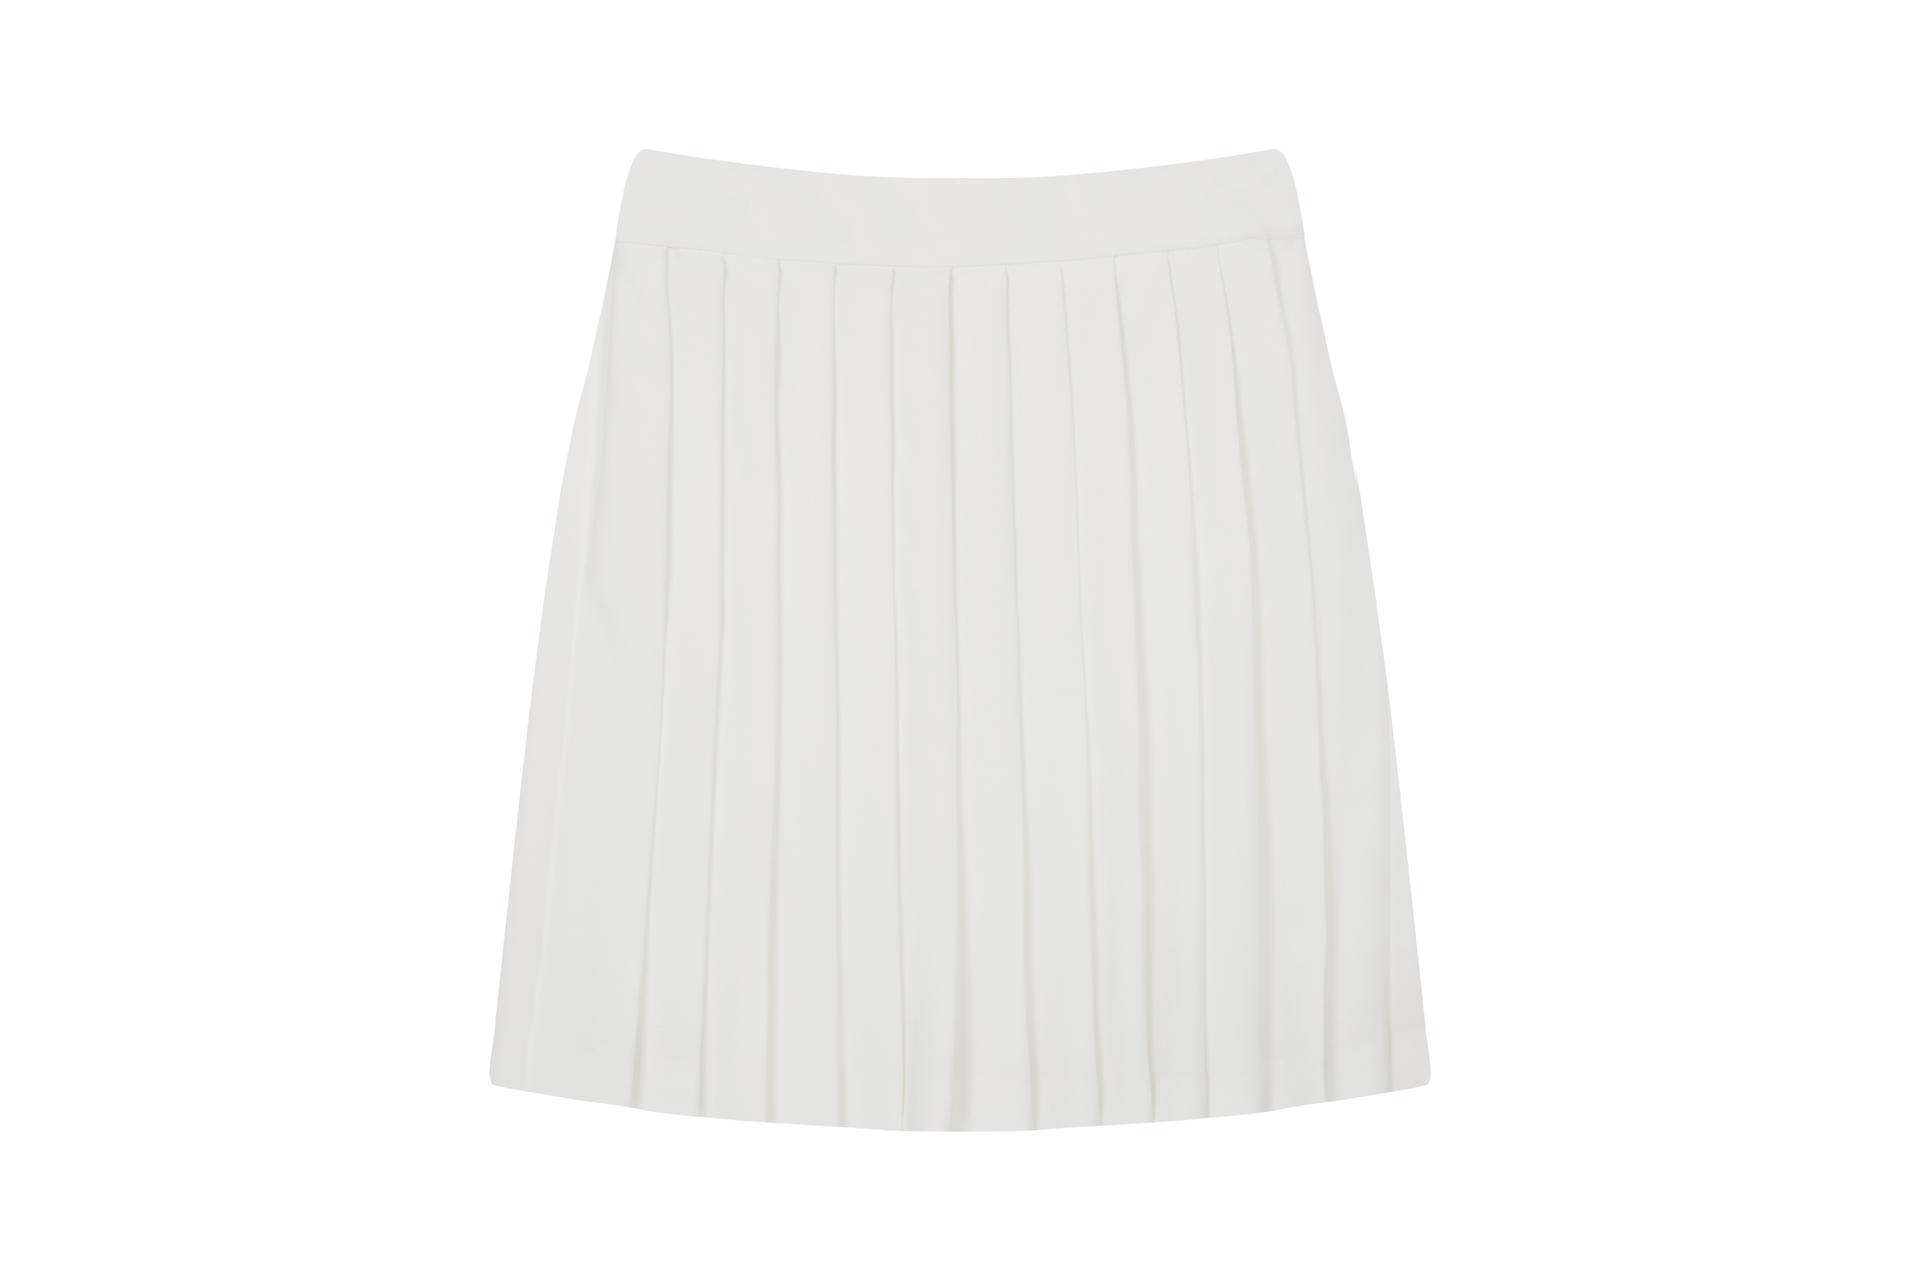 72dpi-2391218071-7.-BY-JOHNNY,-Aimee-Pleat-Skirt-White,-290,-www.byjohnny.com.au